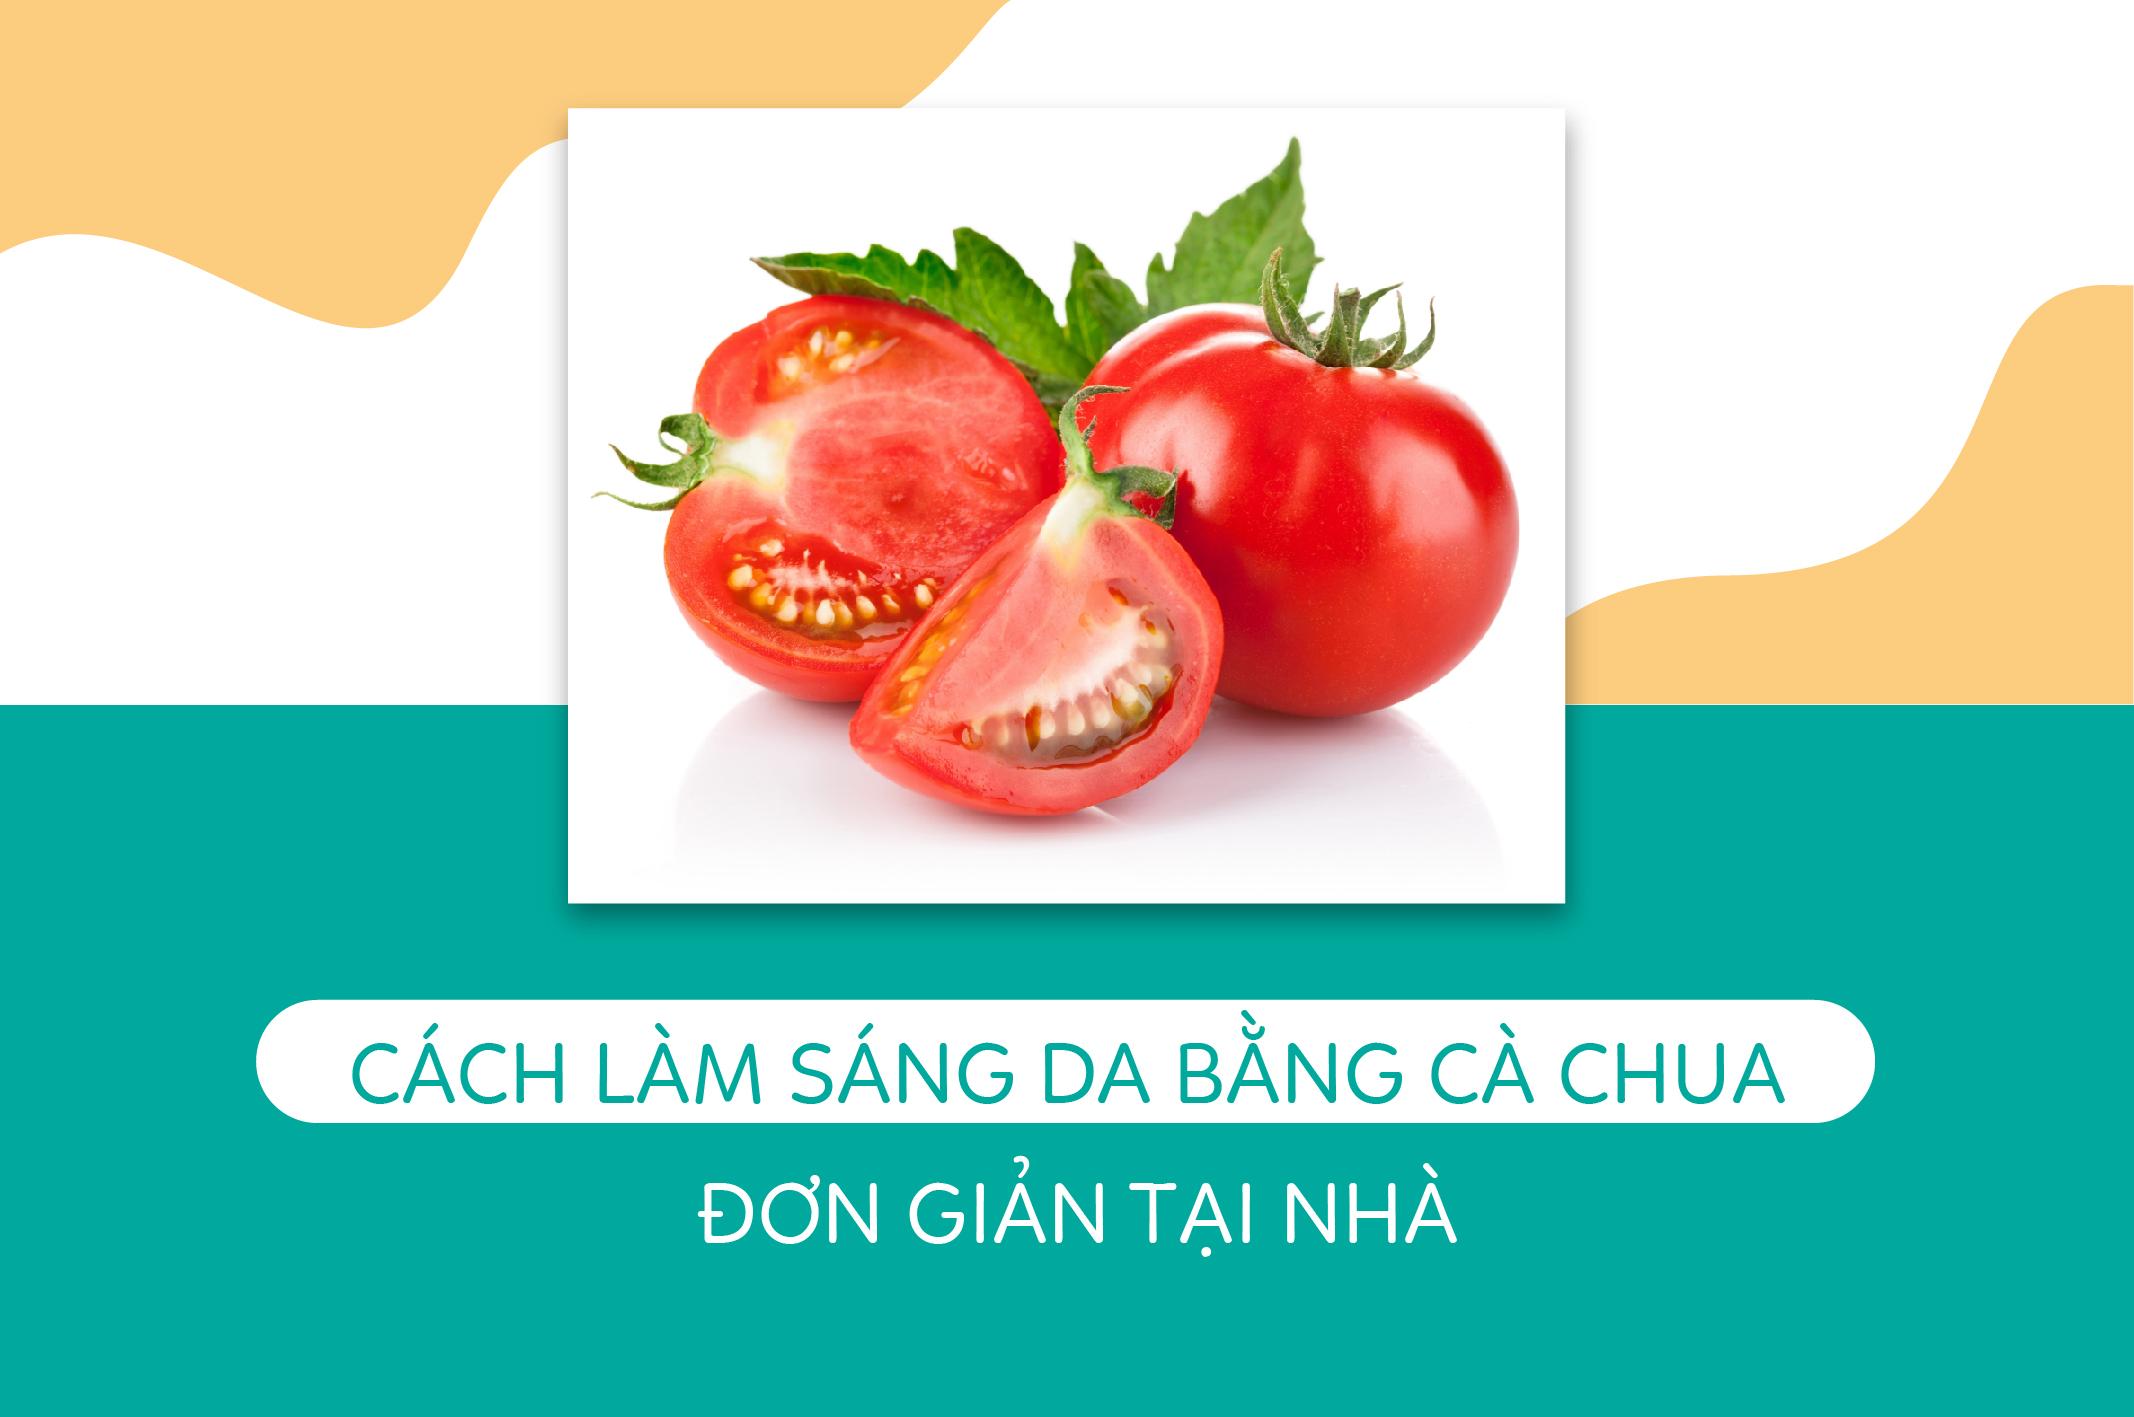 cach-lam-sang-da-bang-ca-chua-don-gian-tai-nha